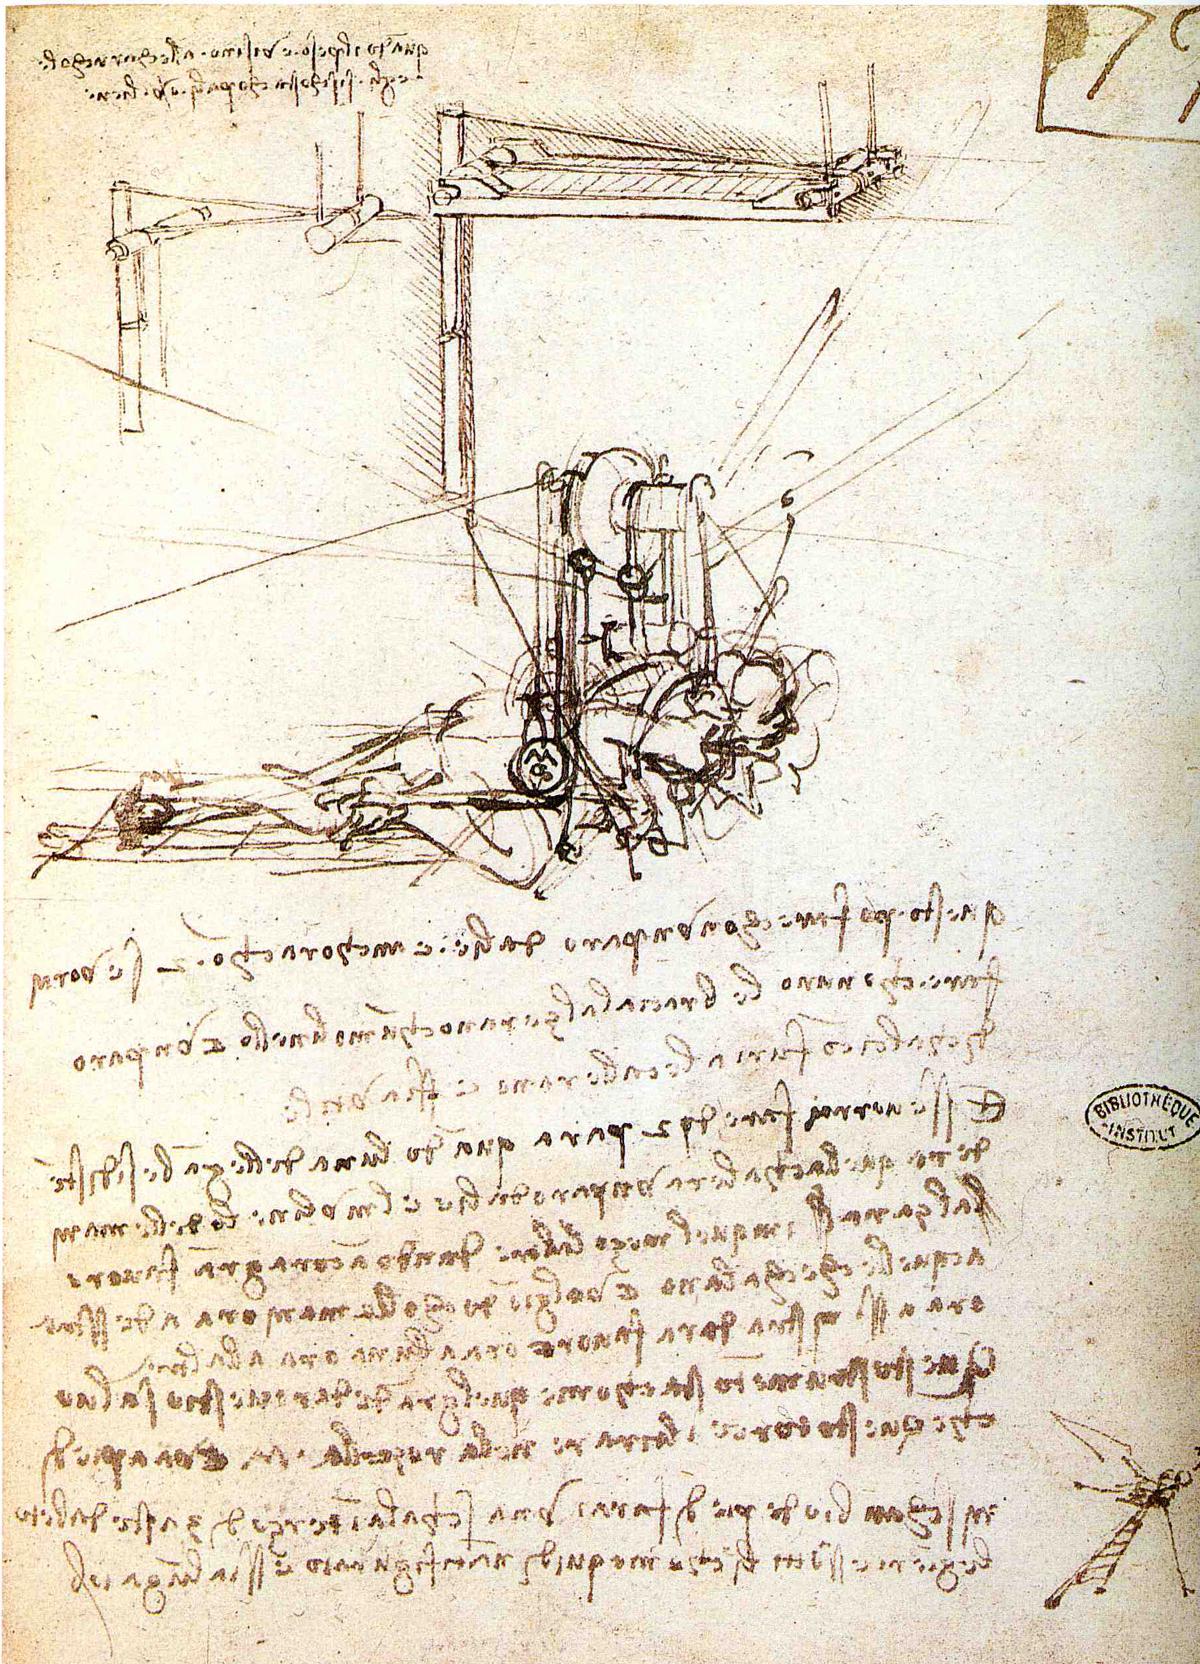 Los inventos de los Mayas | Inventionary: inventos